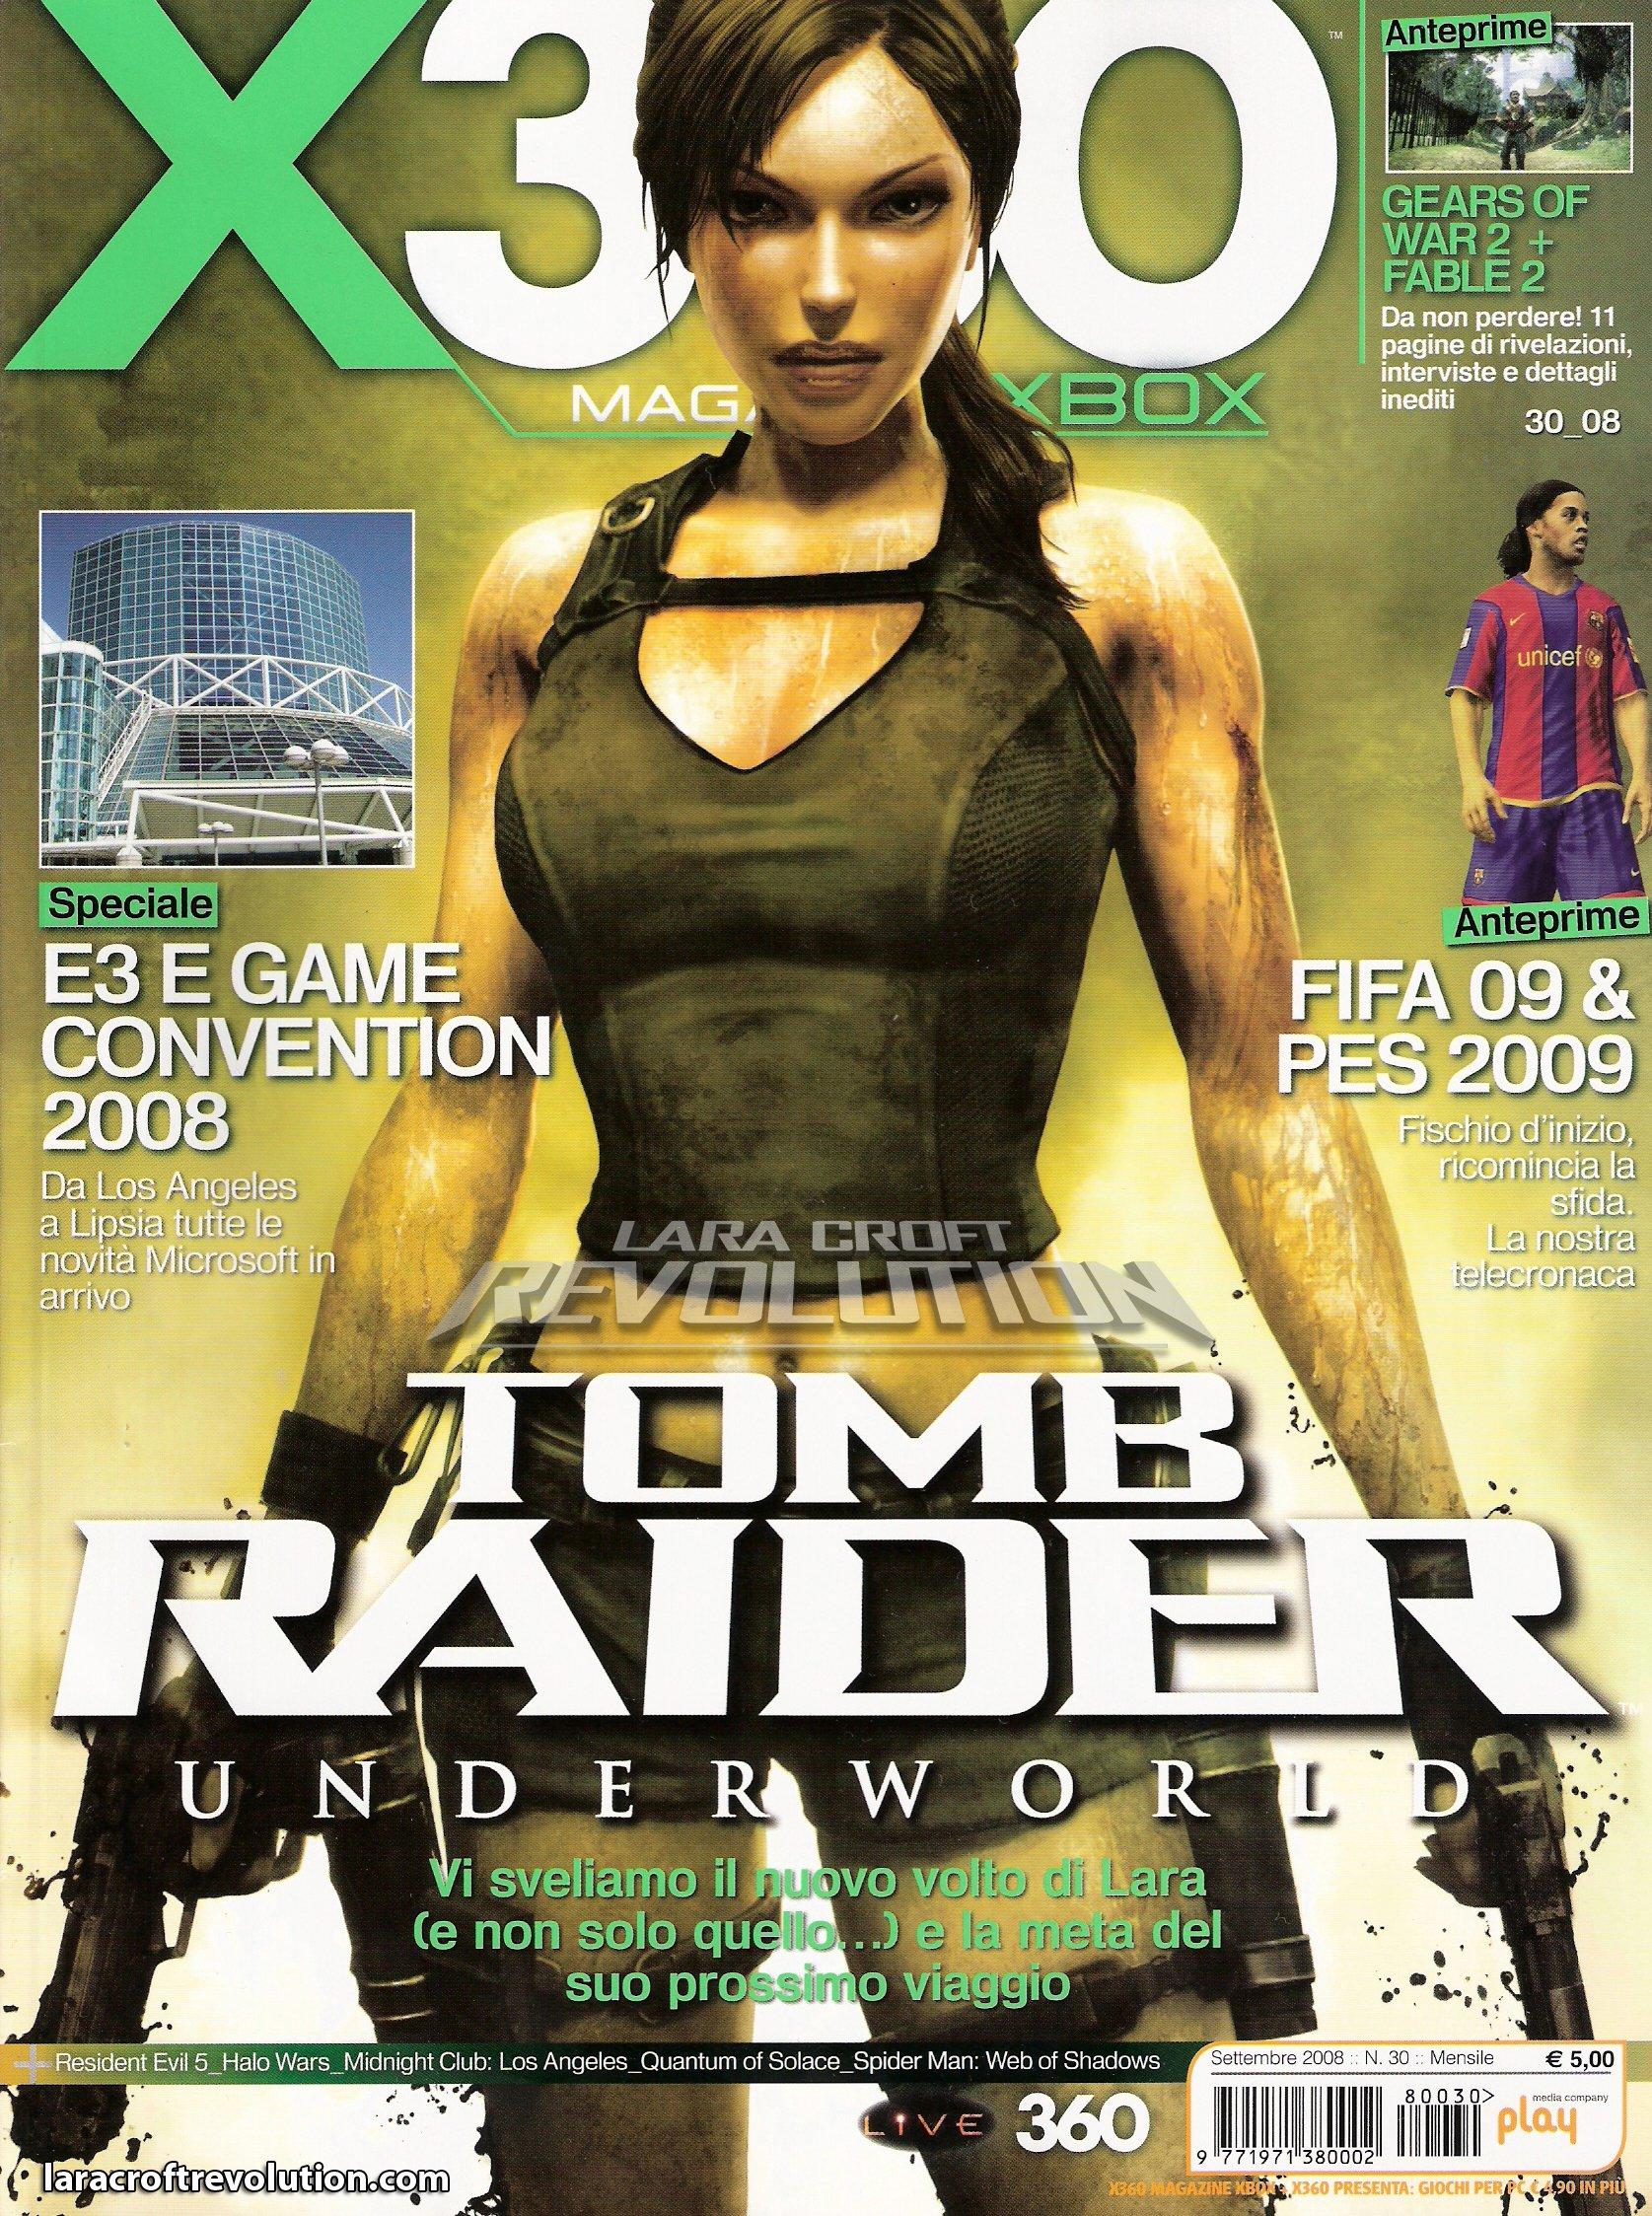 X360 Issue 30 (September 2008)